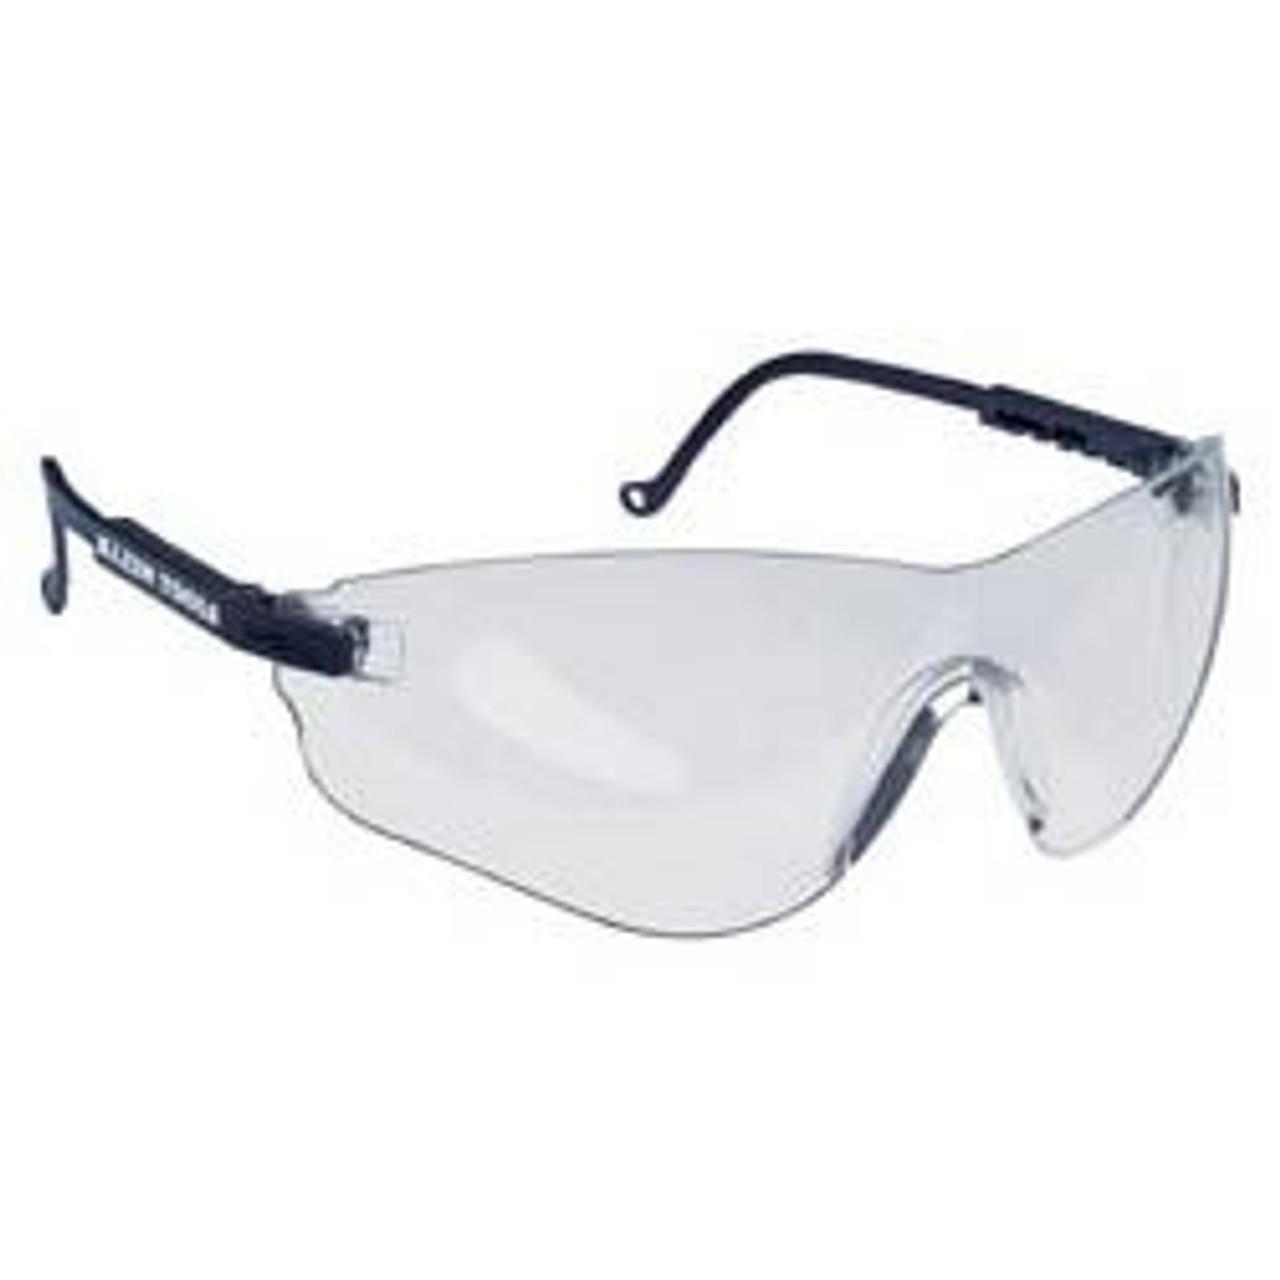 Klein 60057  Protective Eyewear